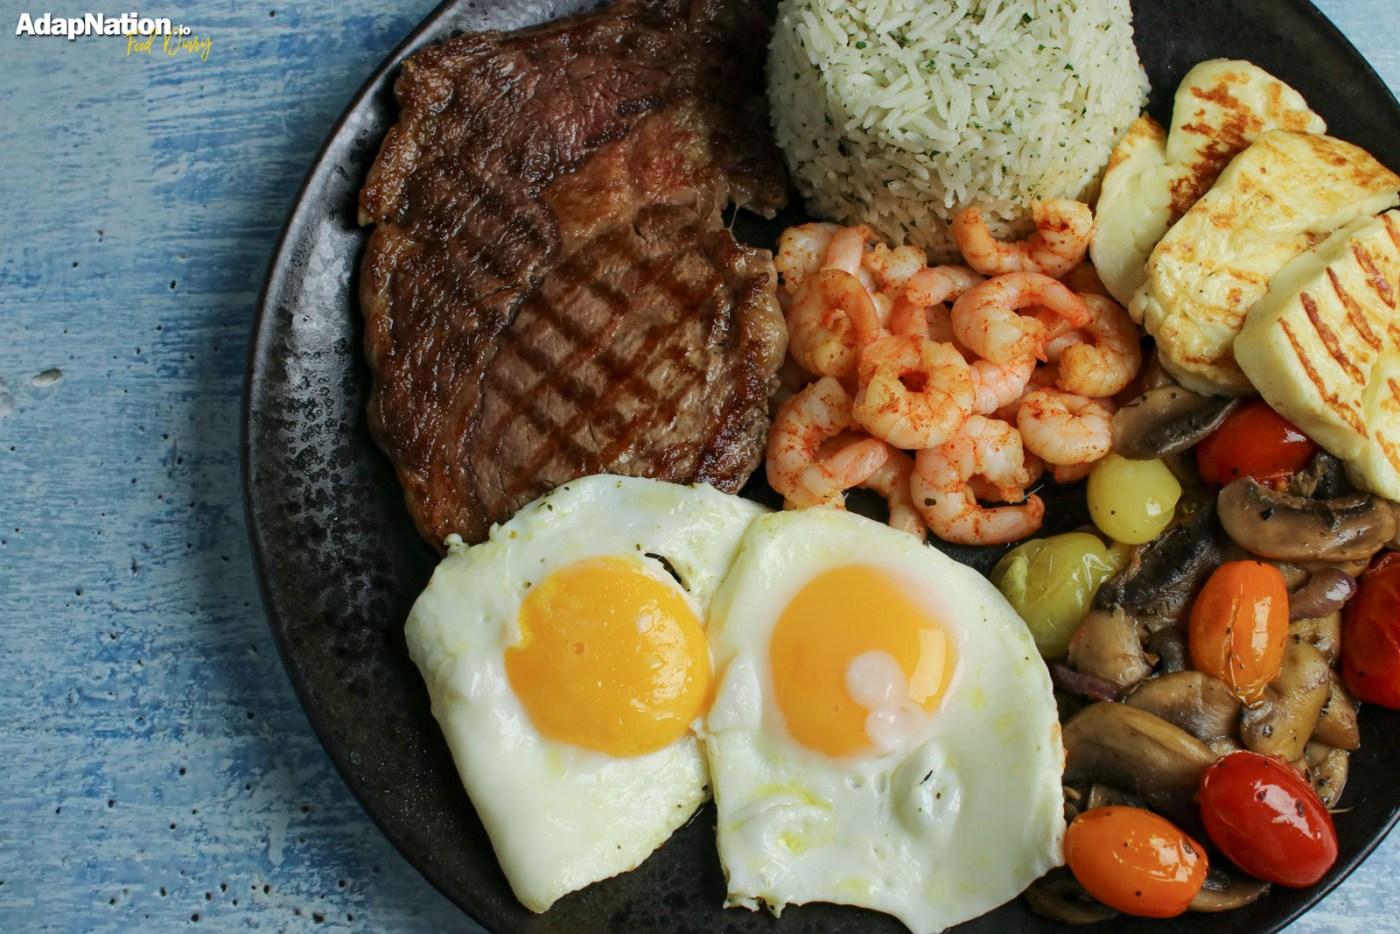 Steve's Steak & Eggs OMAD